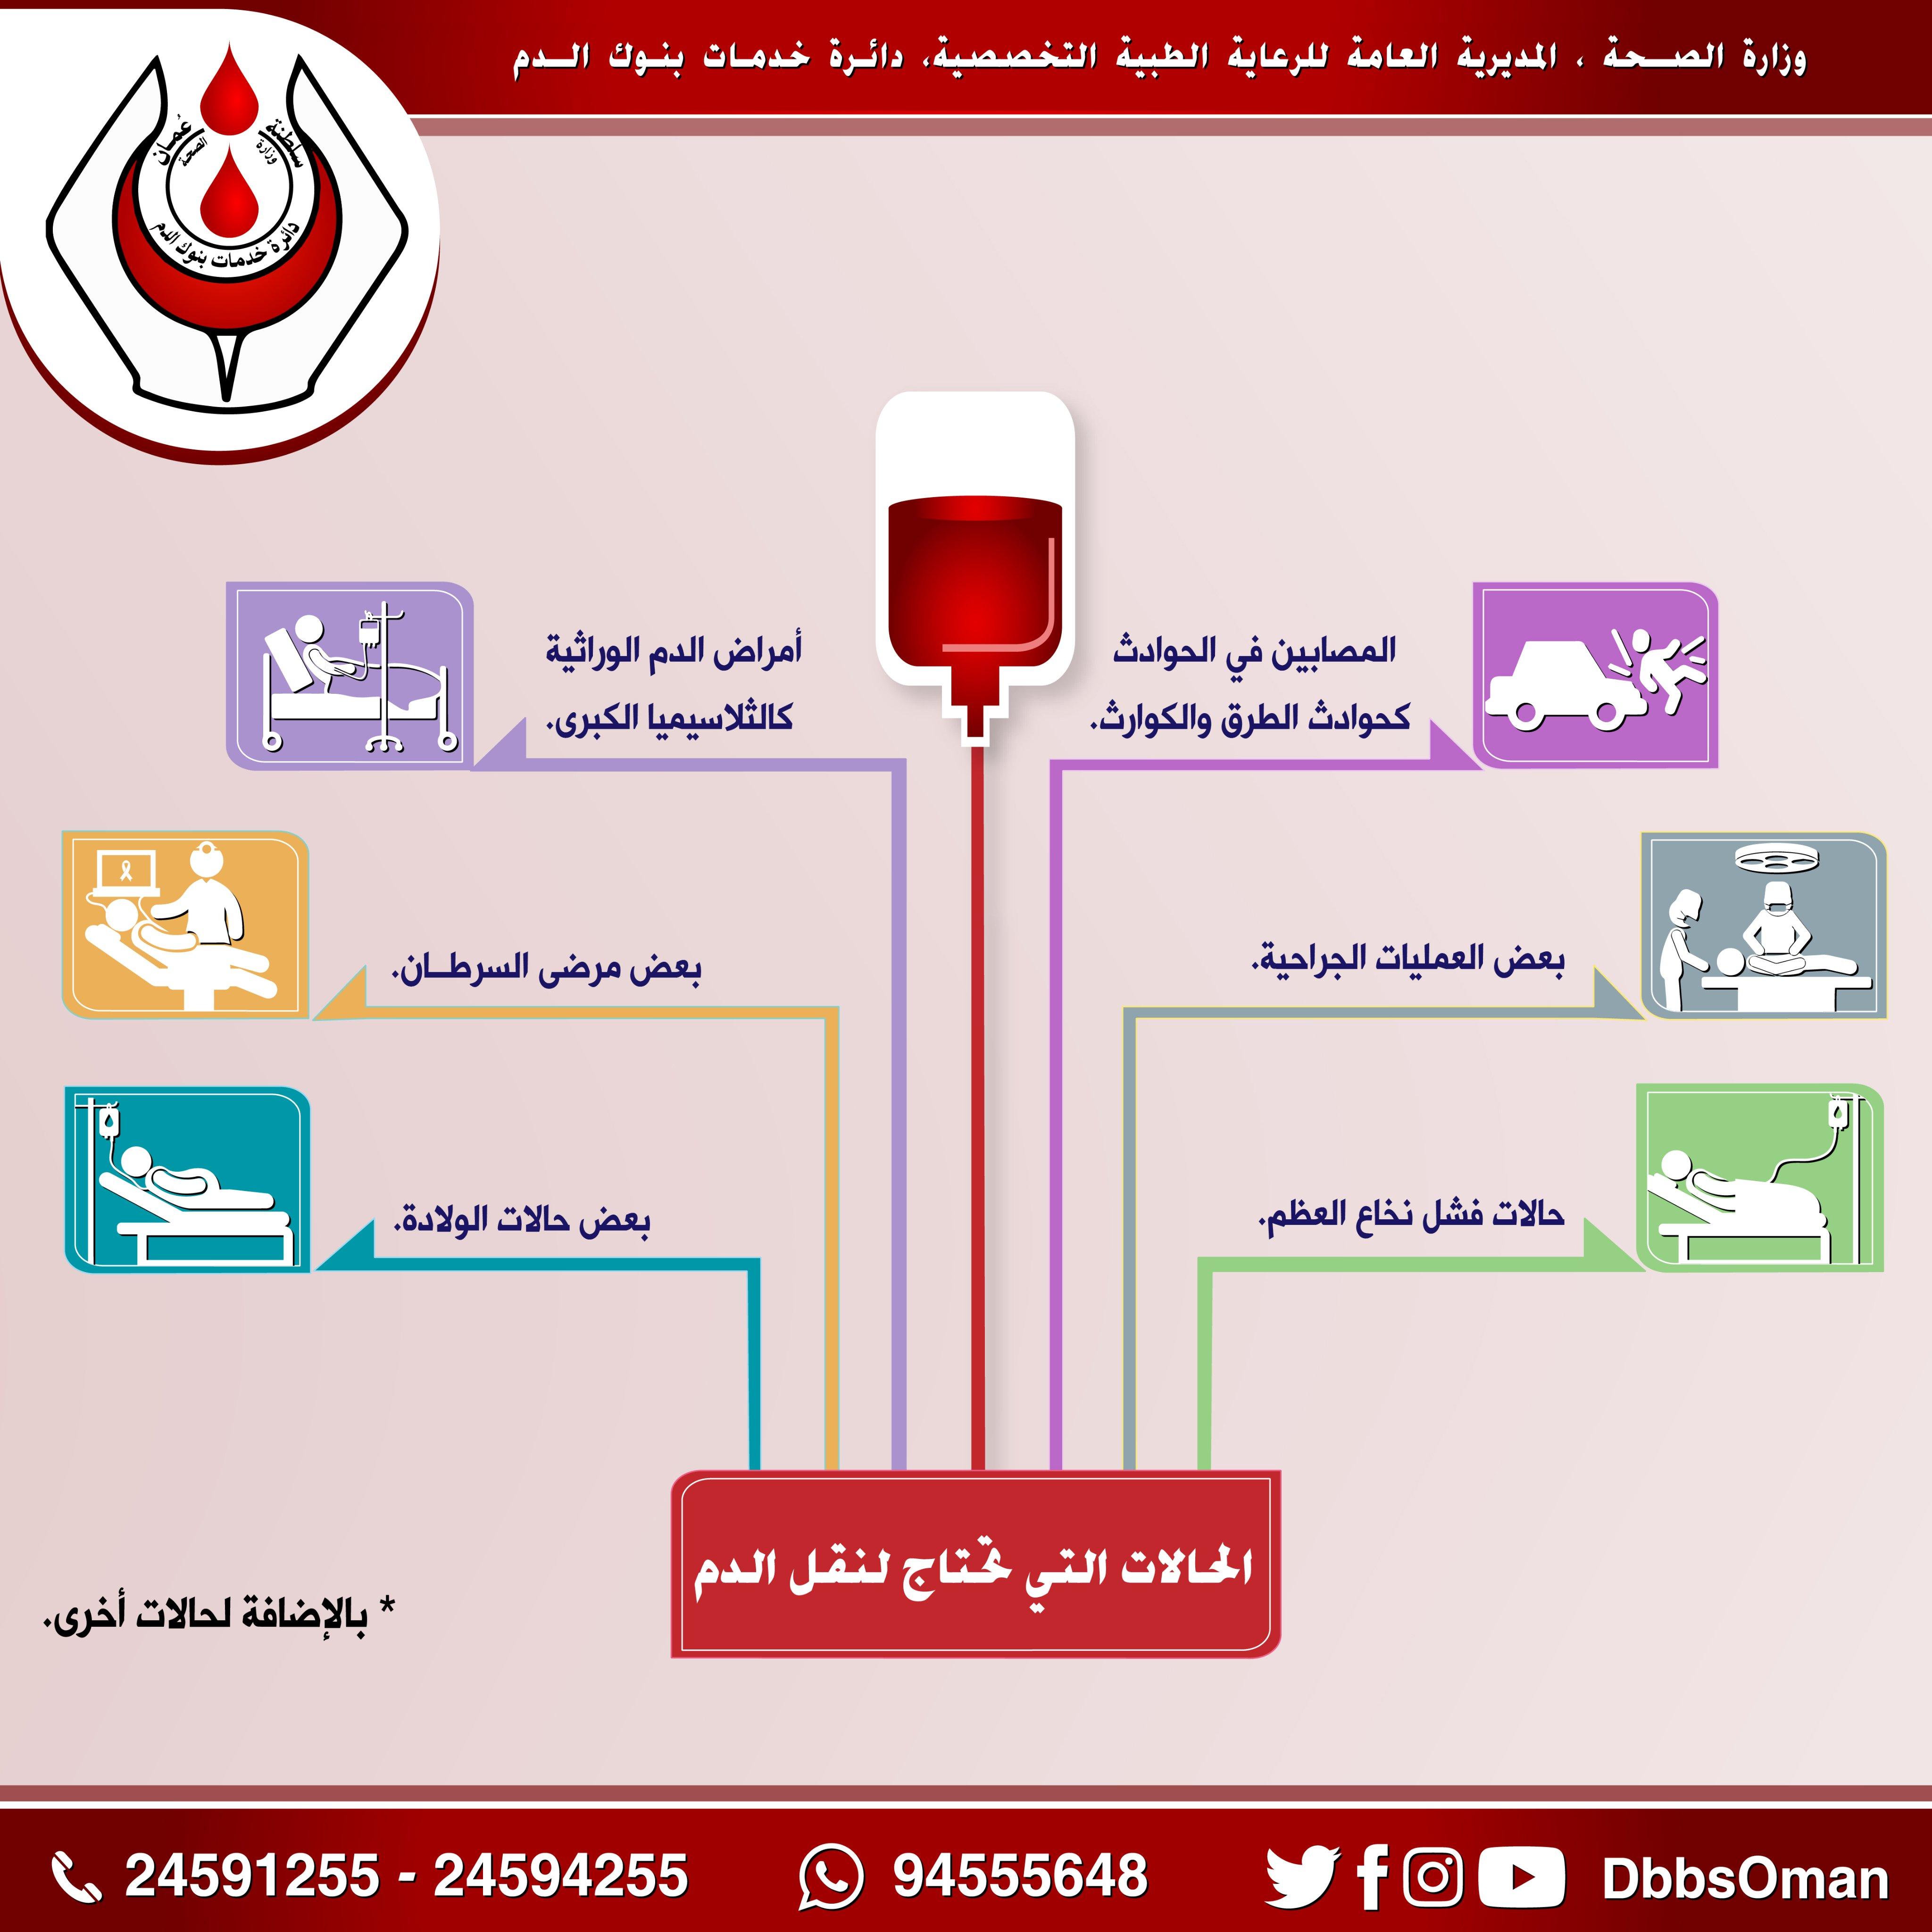 بنك الدم المركزي في بوشر بحاجة إلى 100-120 متبرعًا يوميًا